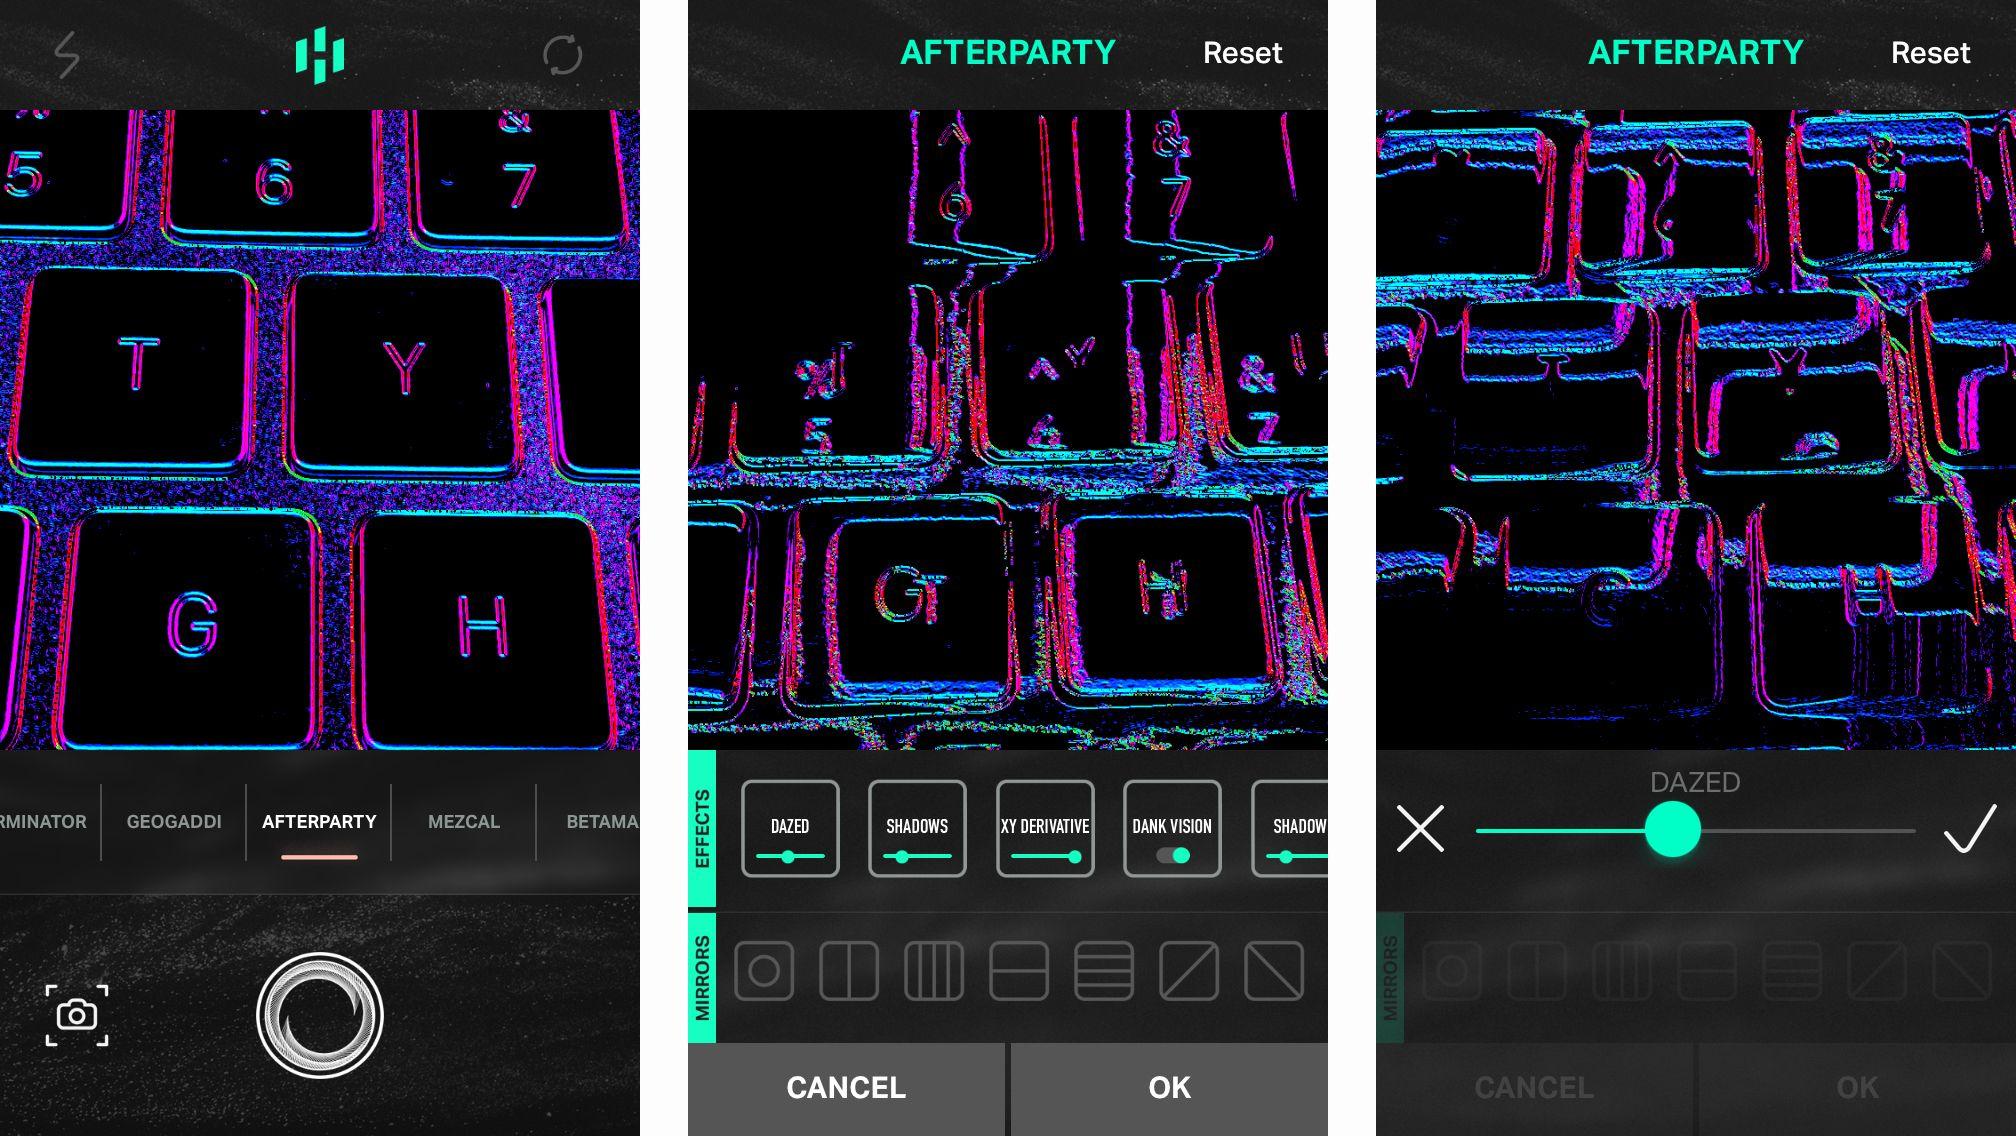 اپلیکیشن عکاسی Hyperspektiv به شما امکان خلق تصاویر glitchy و سایکدلیک را می دهد !